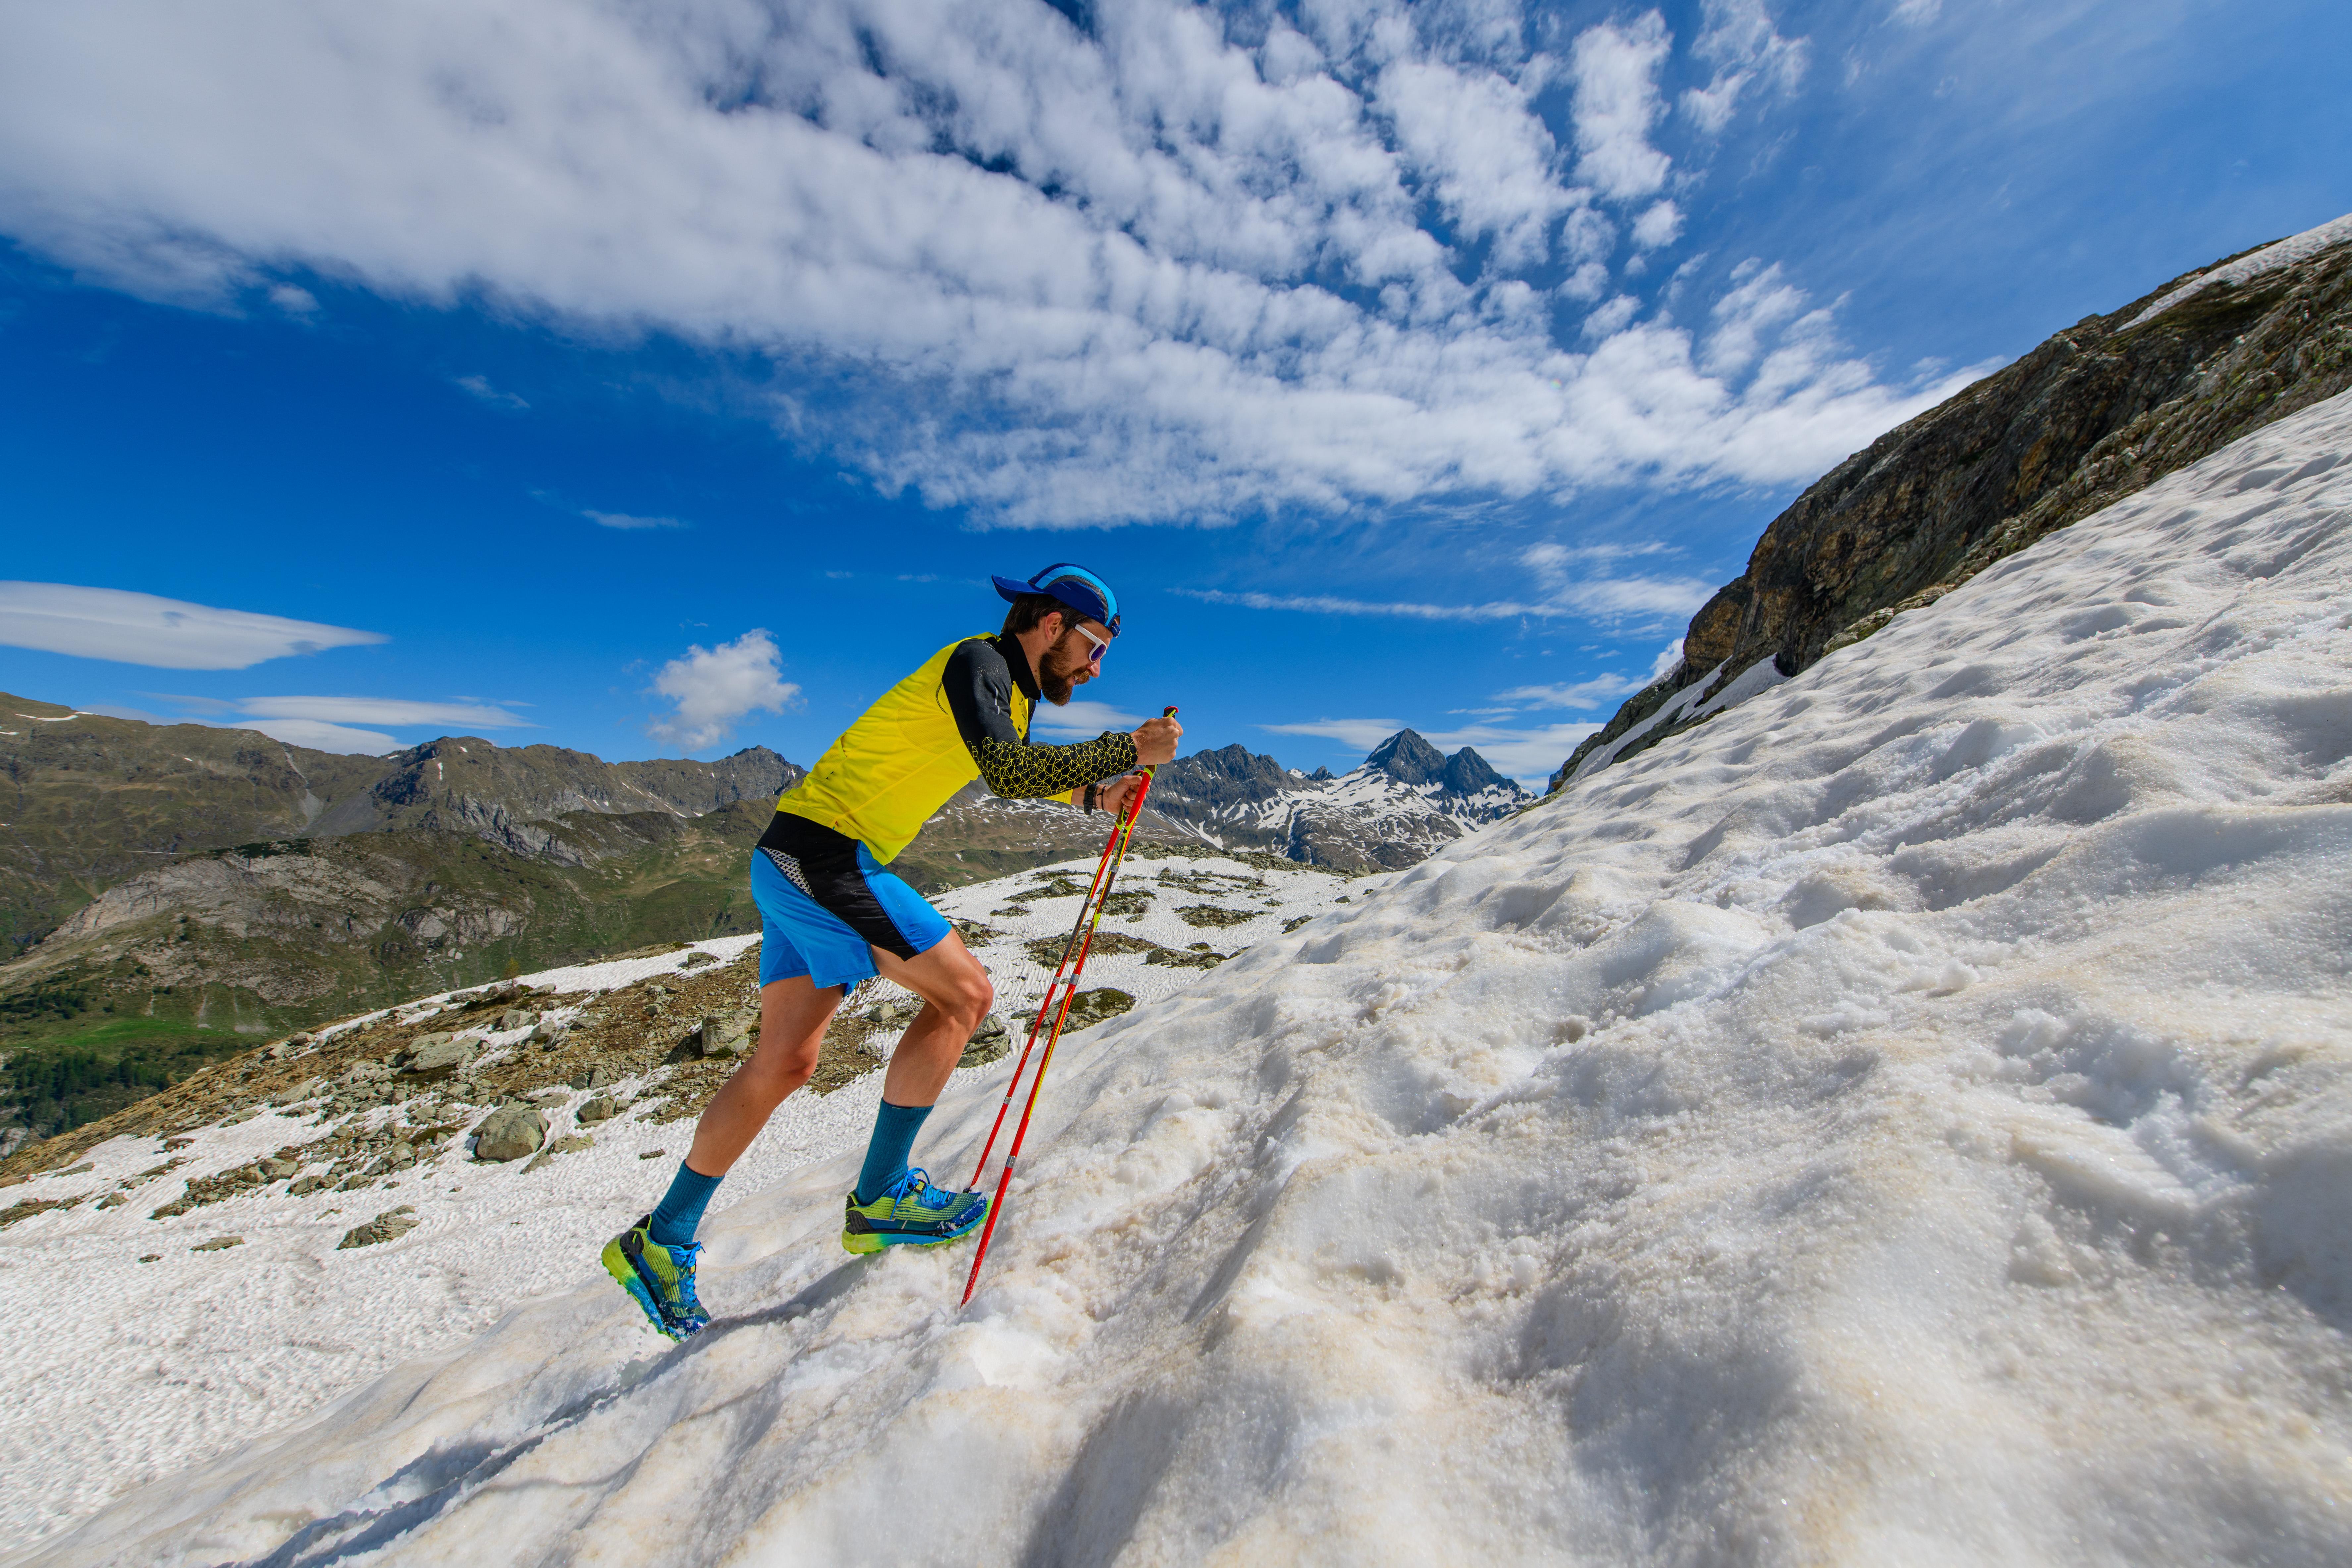 Skyrunner-on-an-incline-715102